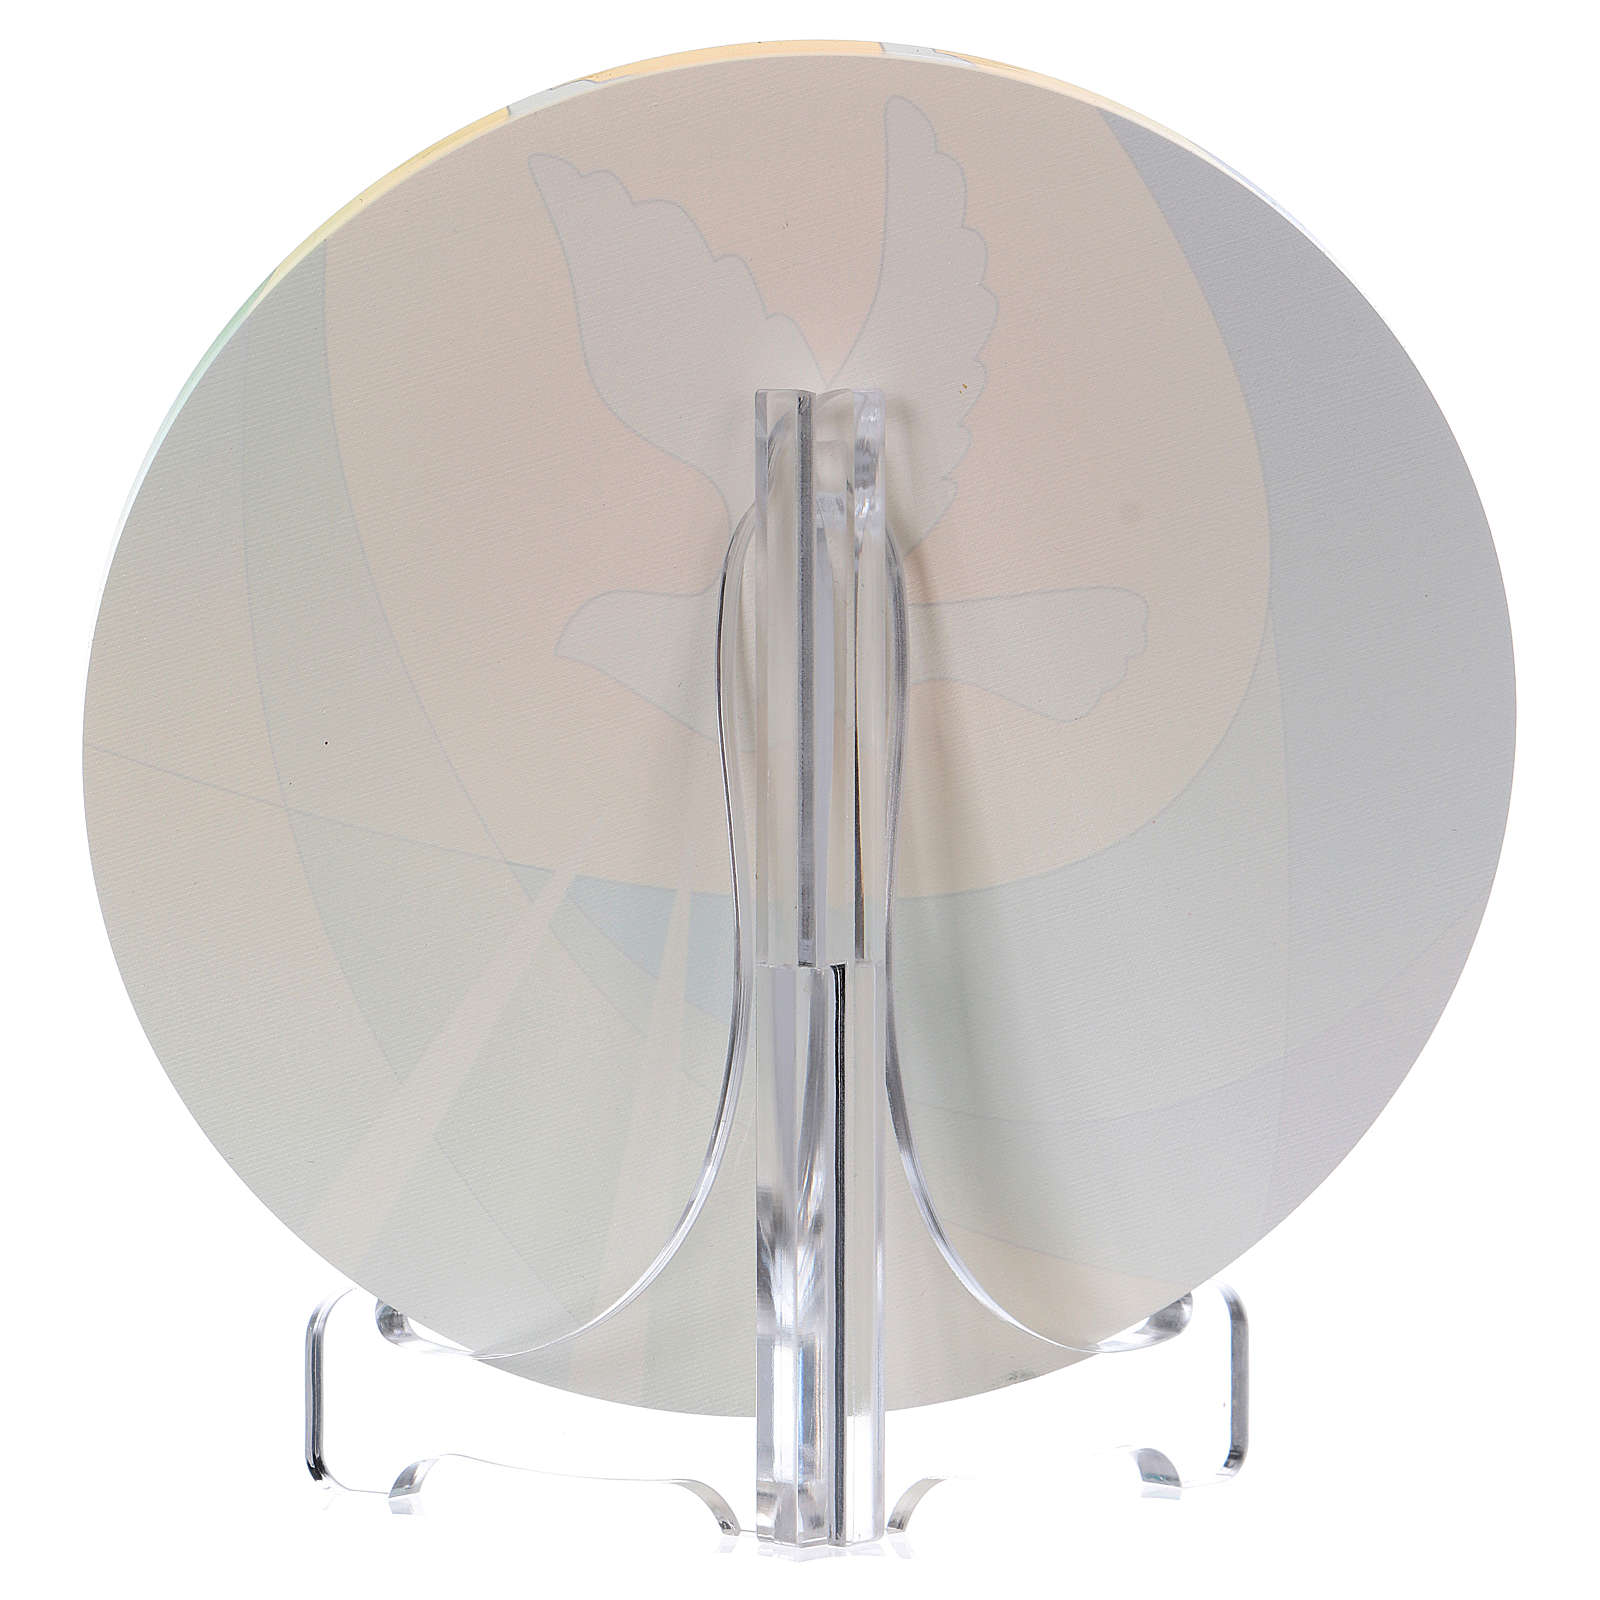 Bomboniera plexi cresima diametro 10 cm Centro Ave 3